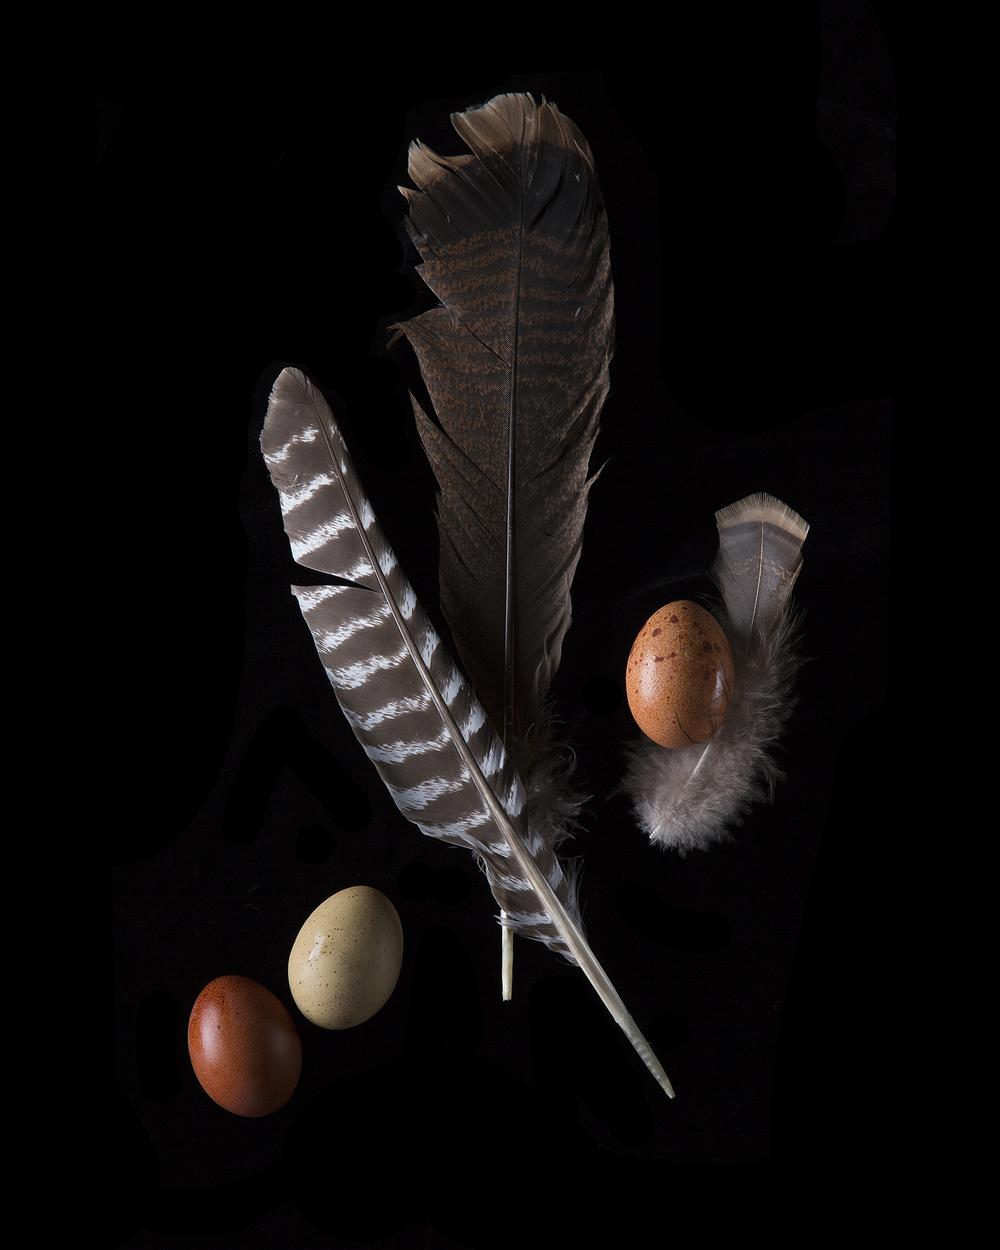 3egg w turkey feathers.jpg